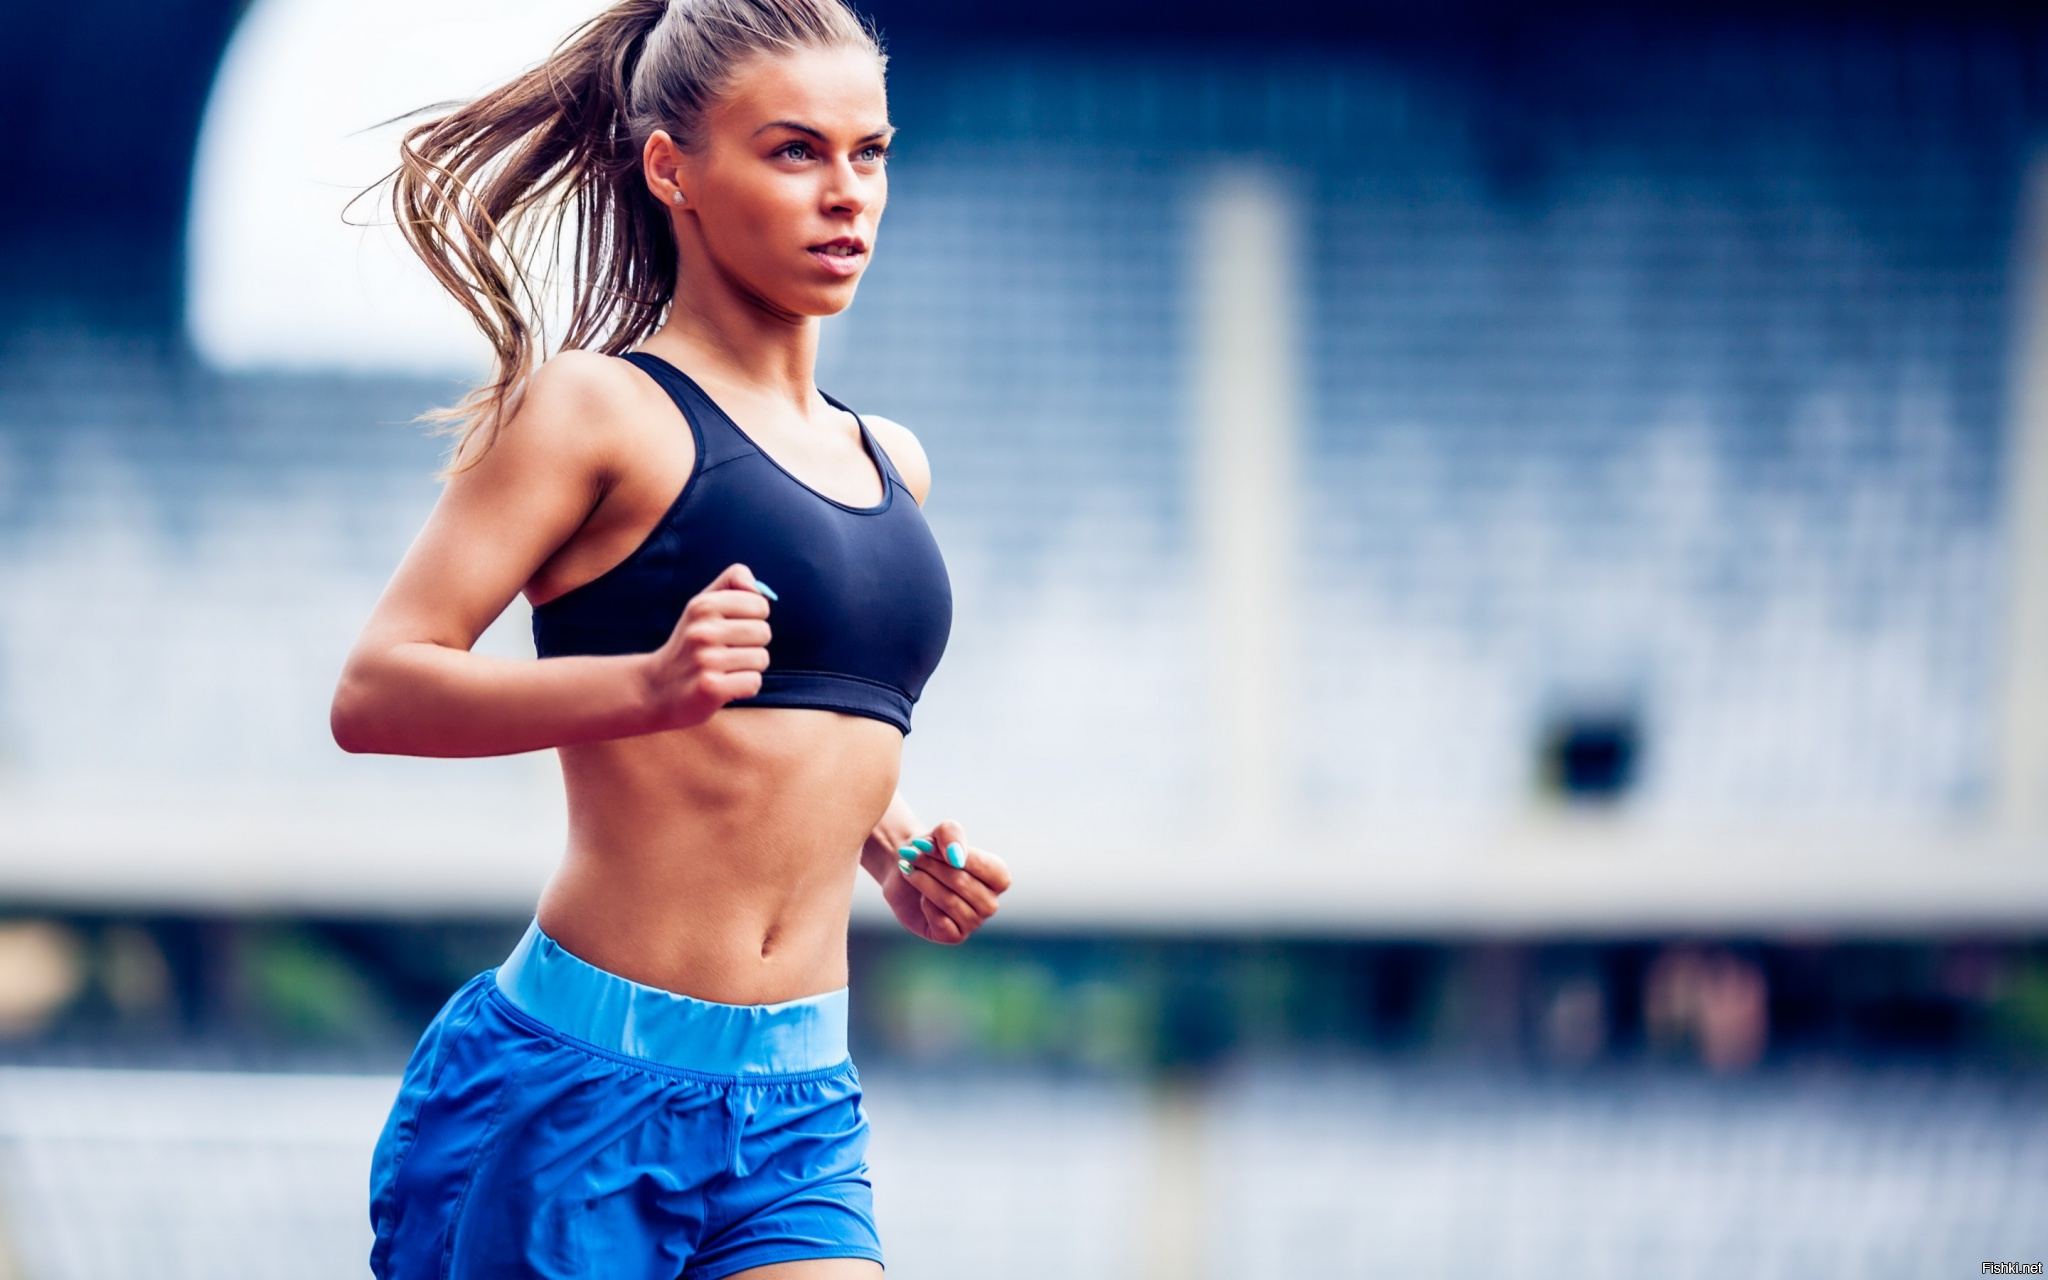 Нужно ли встречаться со спортсменками?